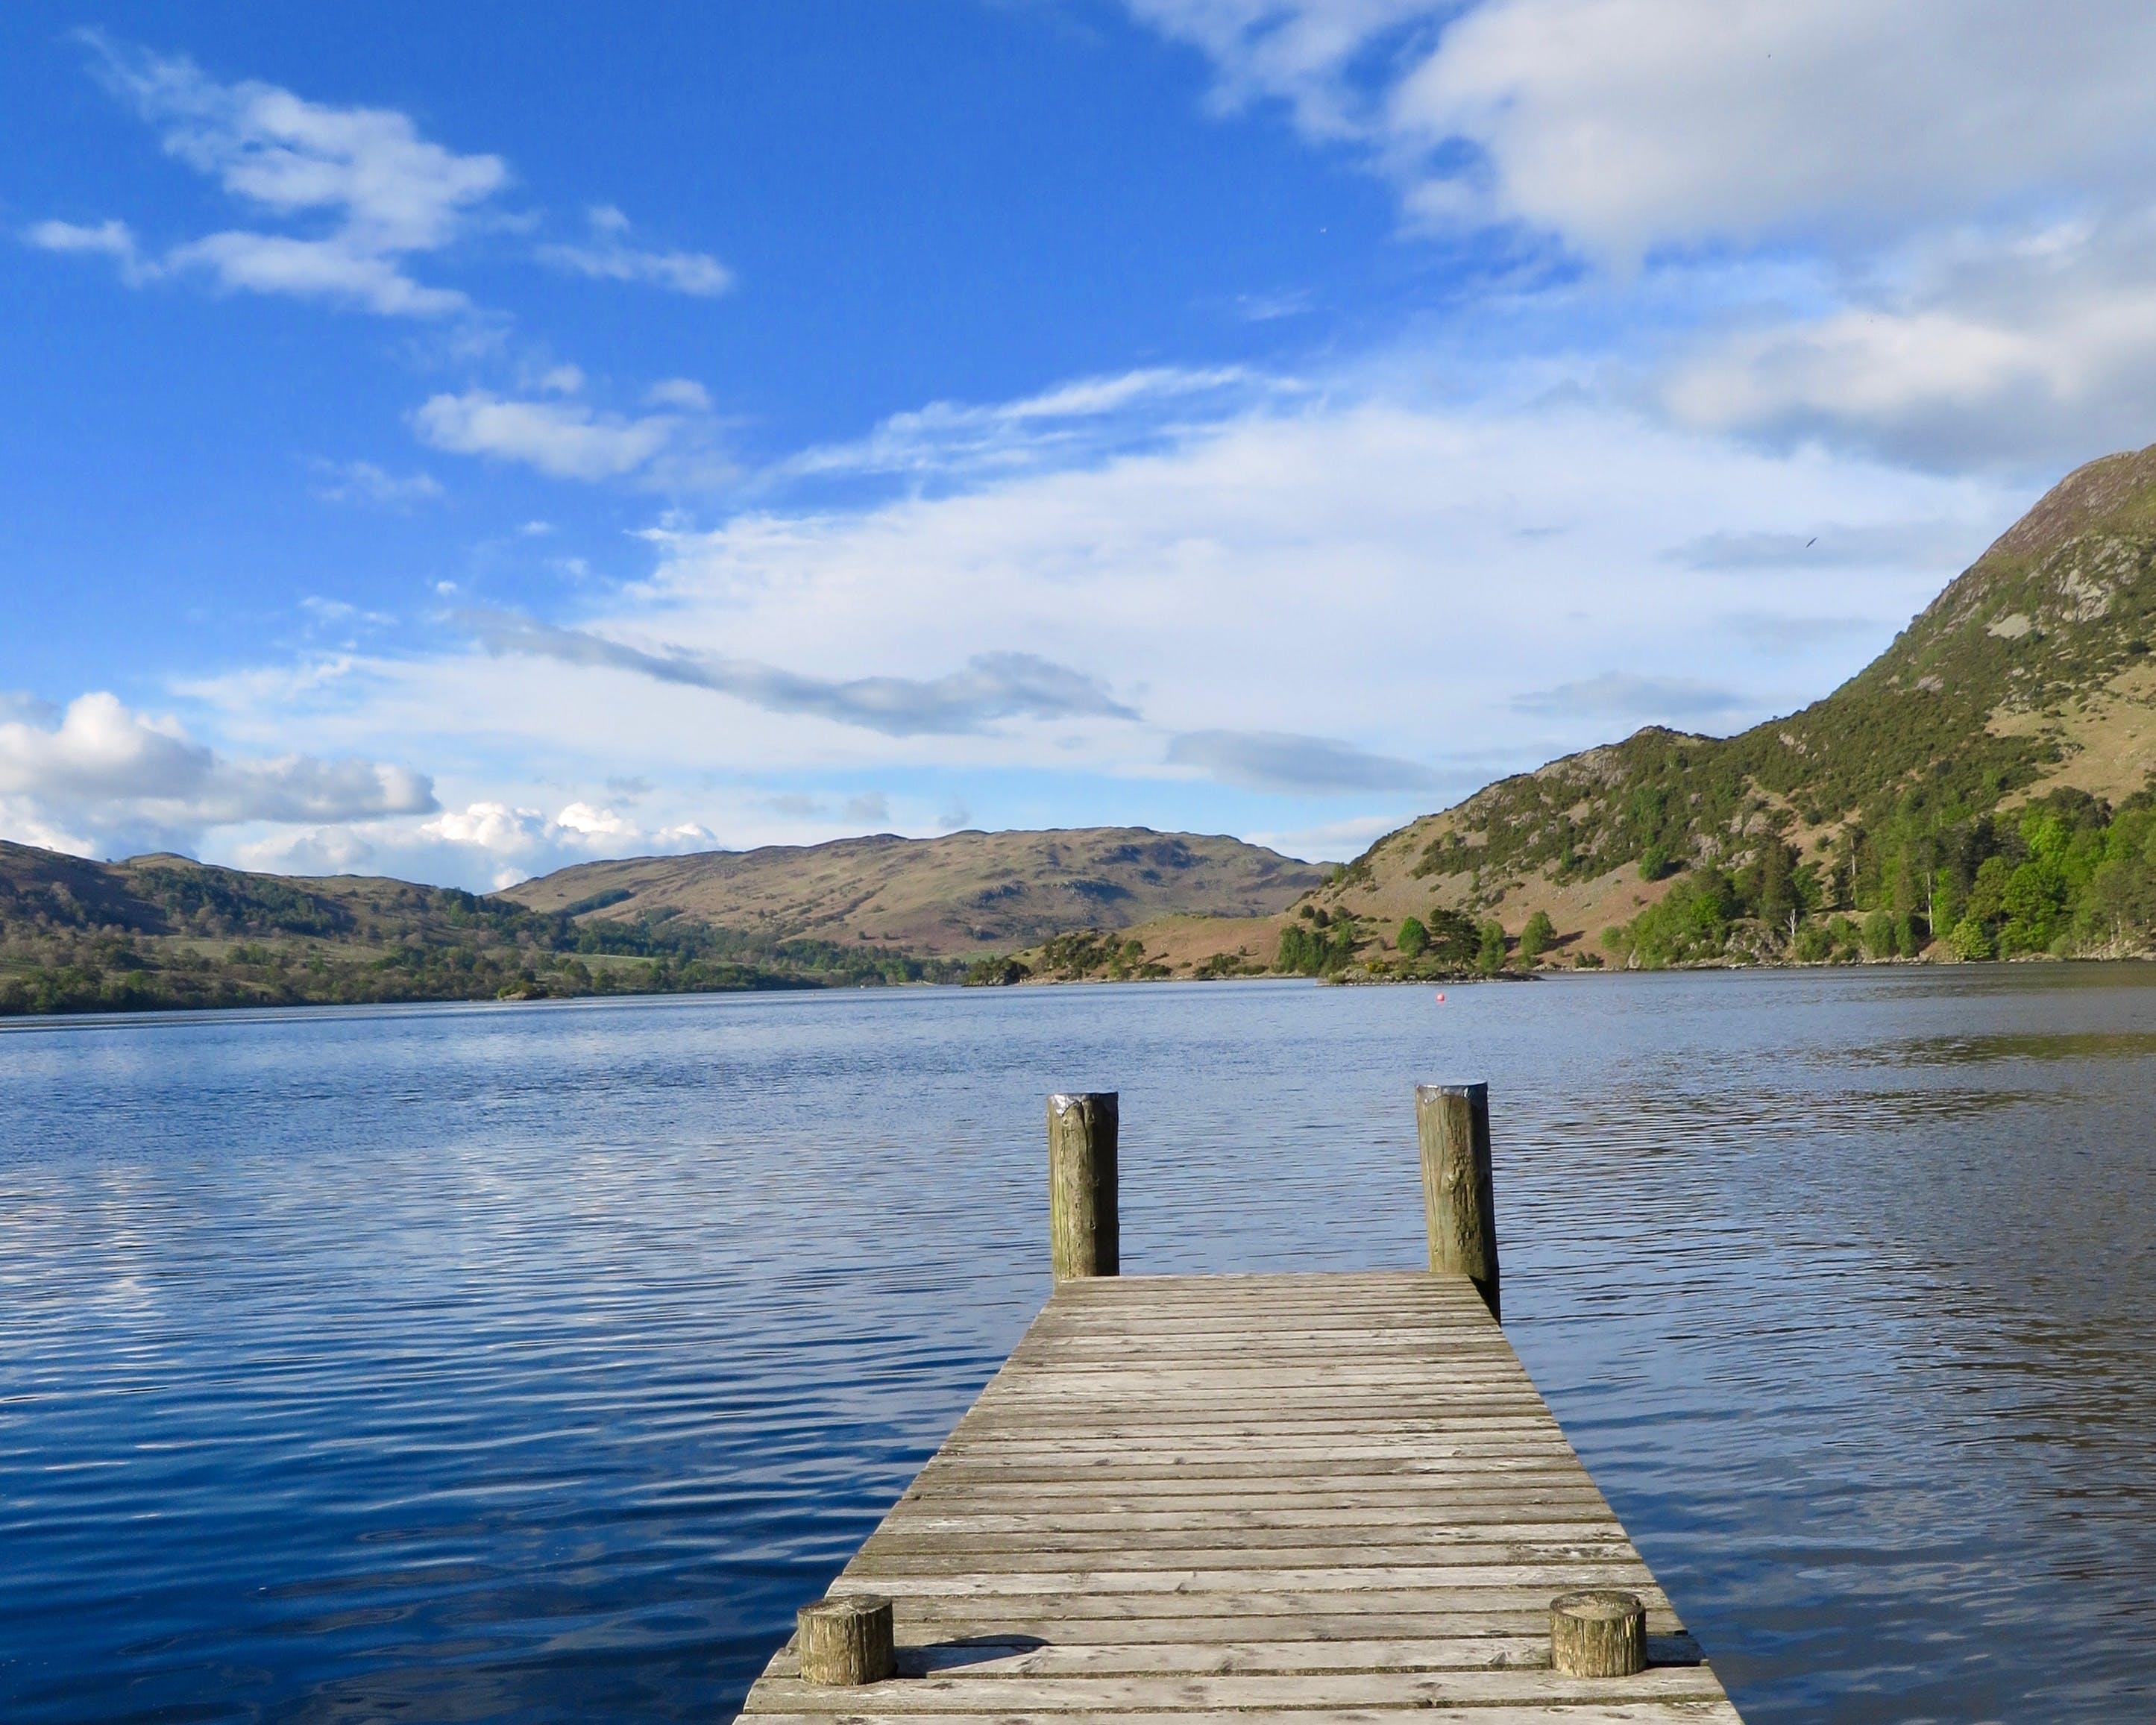 Gray Dock in Lake